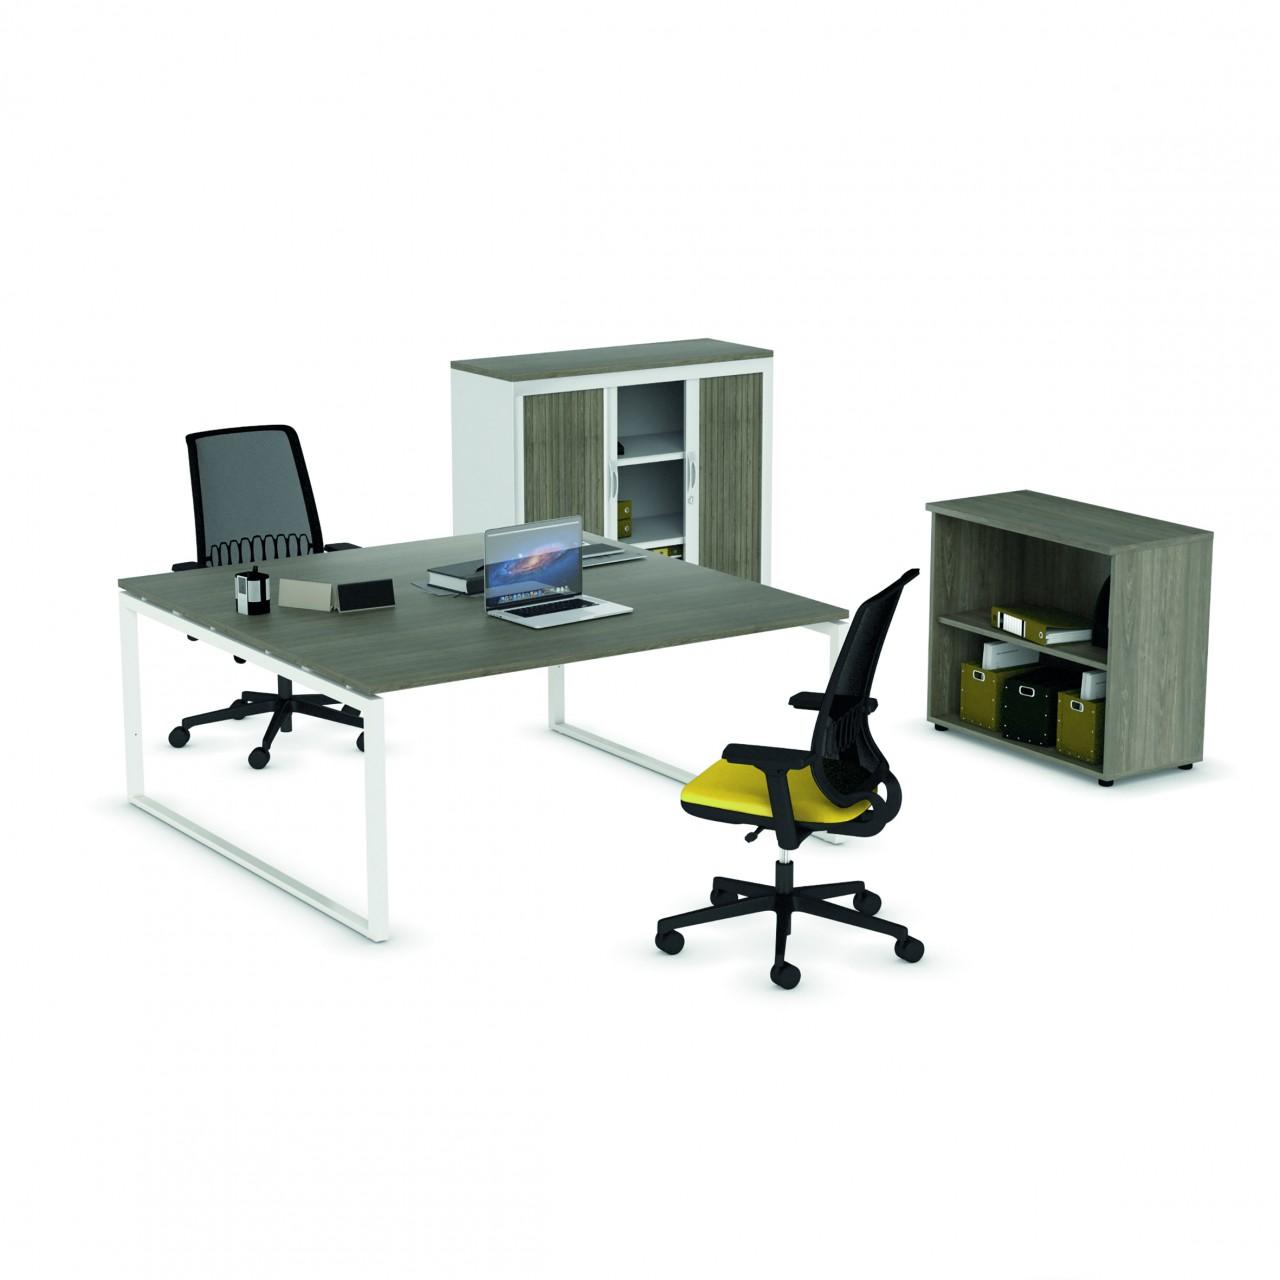 Bureau bench 2 personnes kin a achat bureaux bench 528 00 for Mobilier bureau 2 personnes